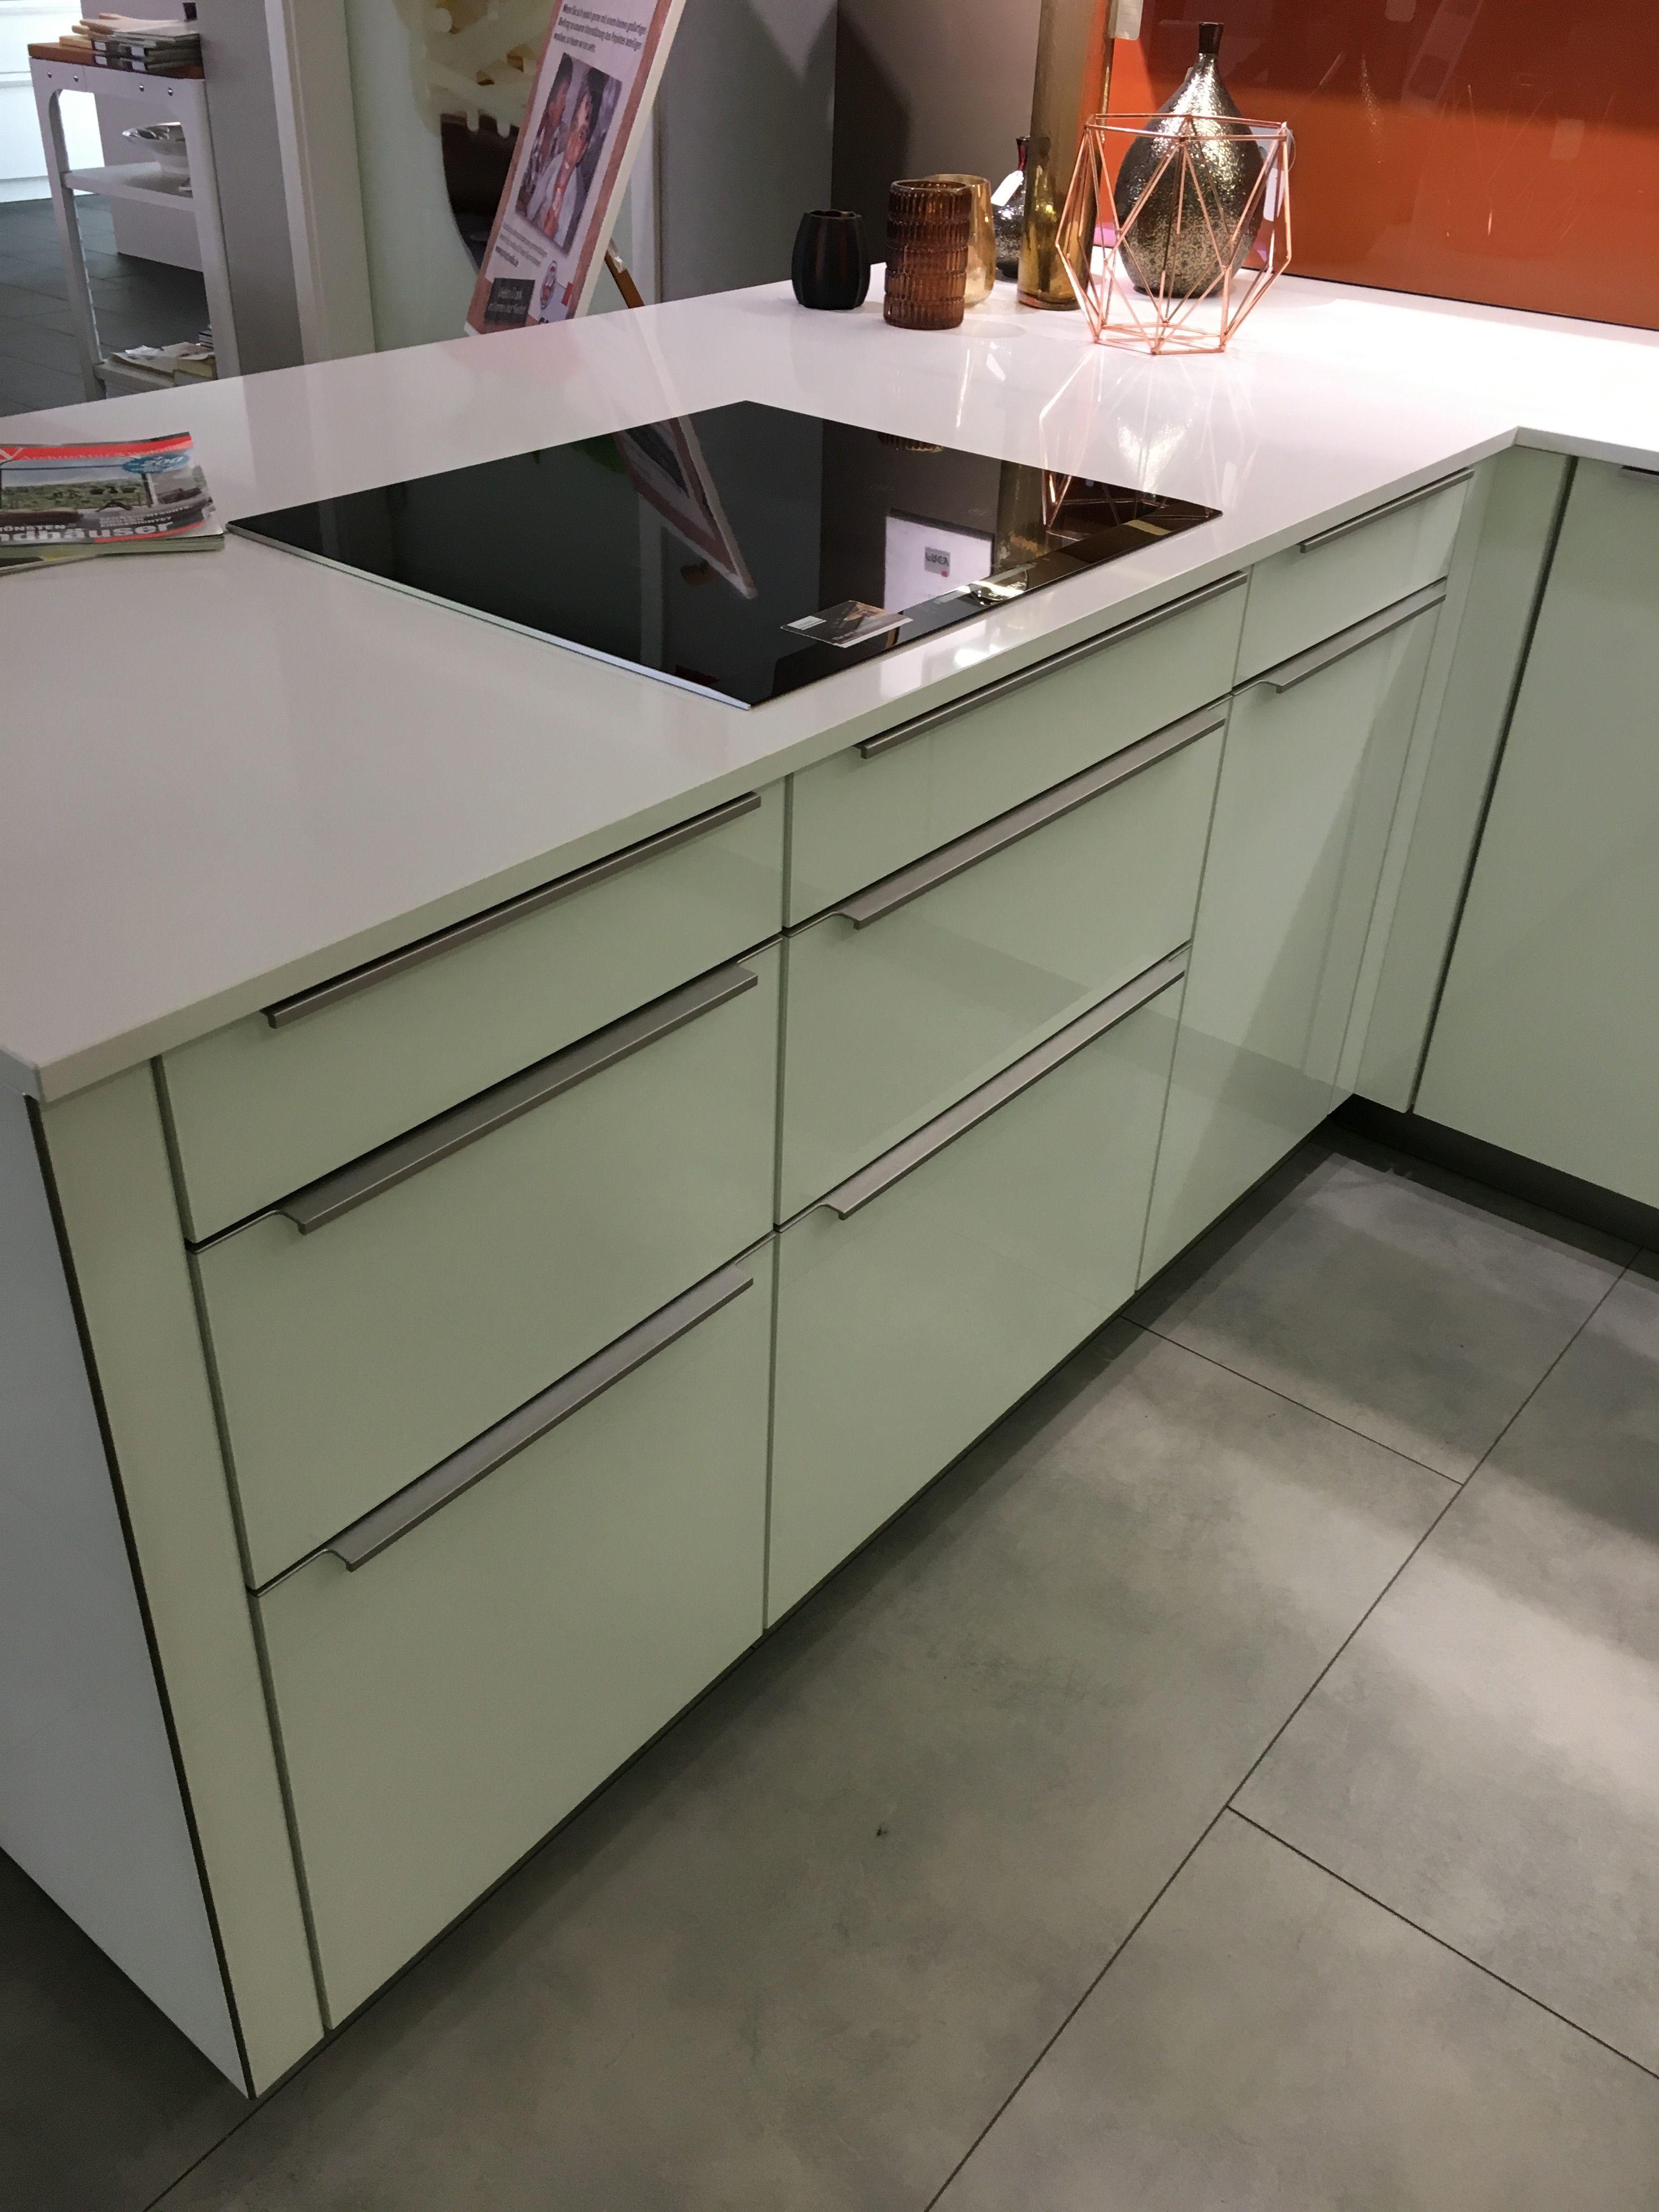 Schön Maß Küchenschranktüren Melbourne Galerie - Küchenschrank Ideen ...